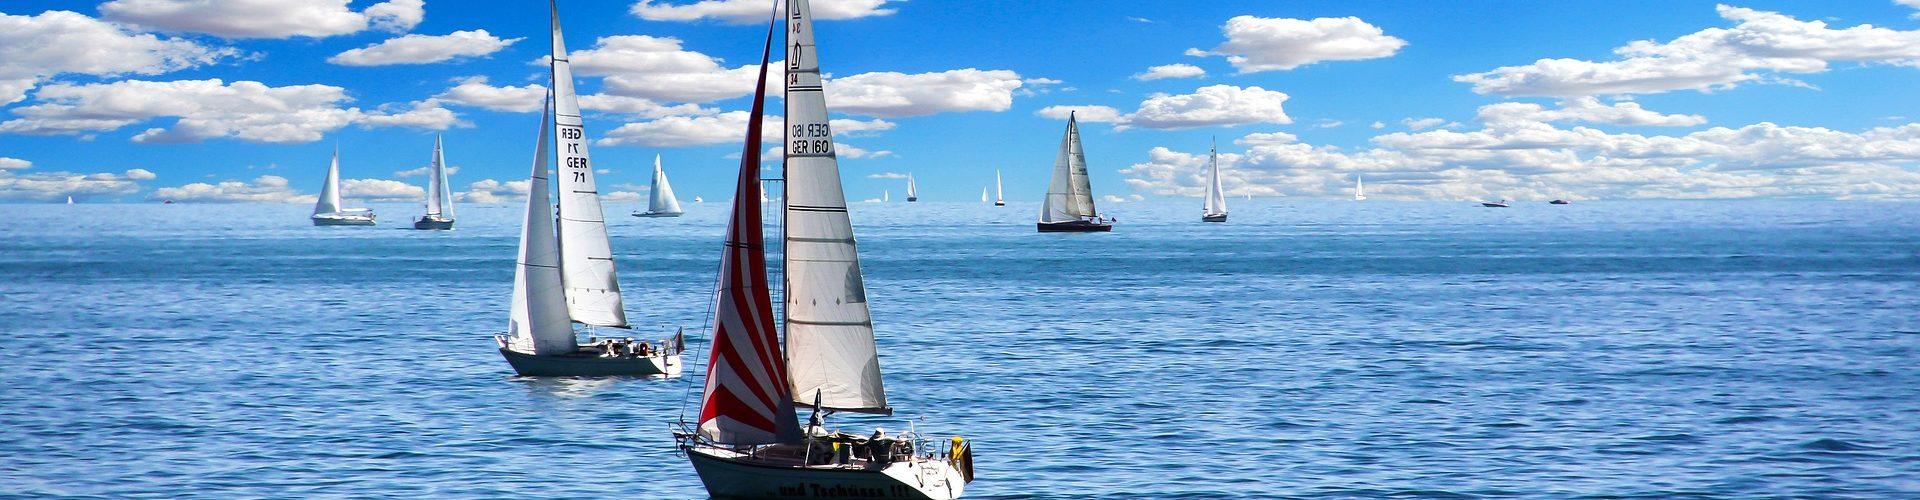 segeln lernen in Burscheid segelschein machen in Burscheid 1920x500 - Segeln lernen in Burscheid